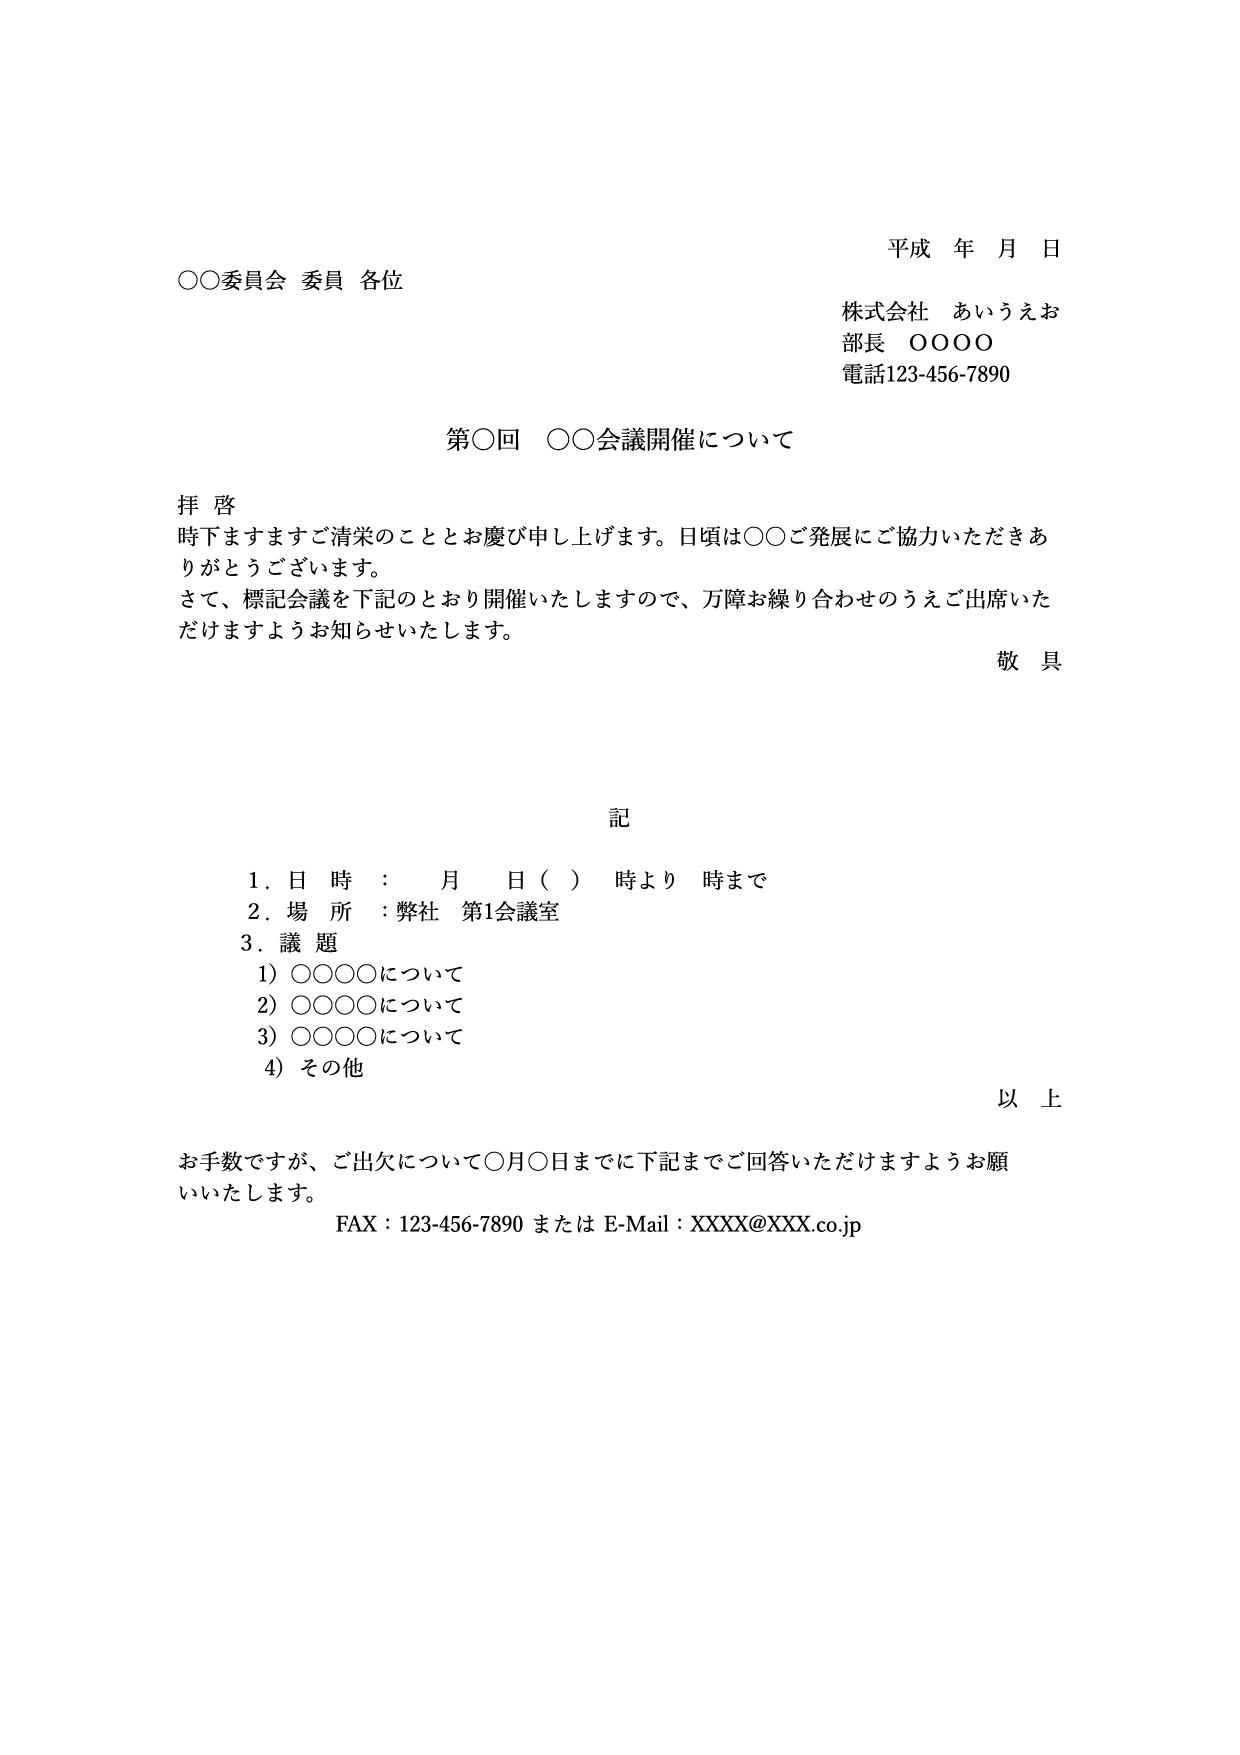 会議案内の文例テンプレート_社外(ワード・ページズ)